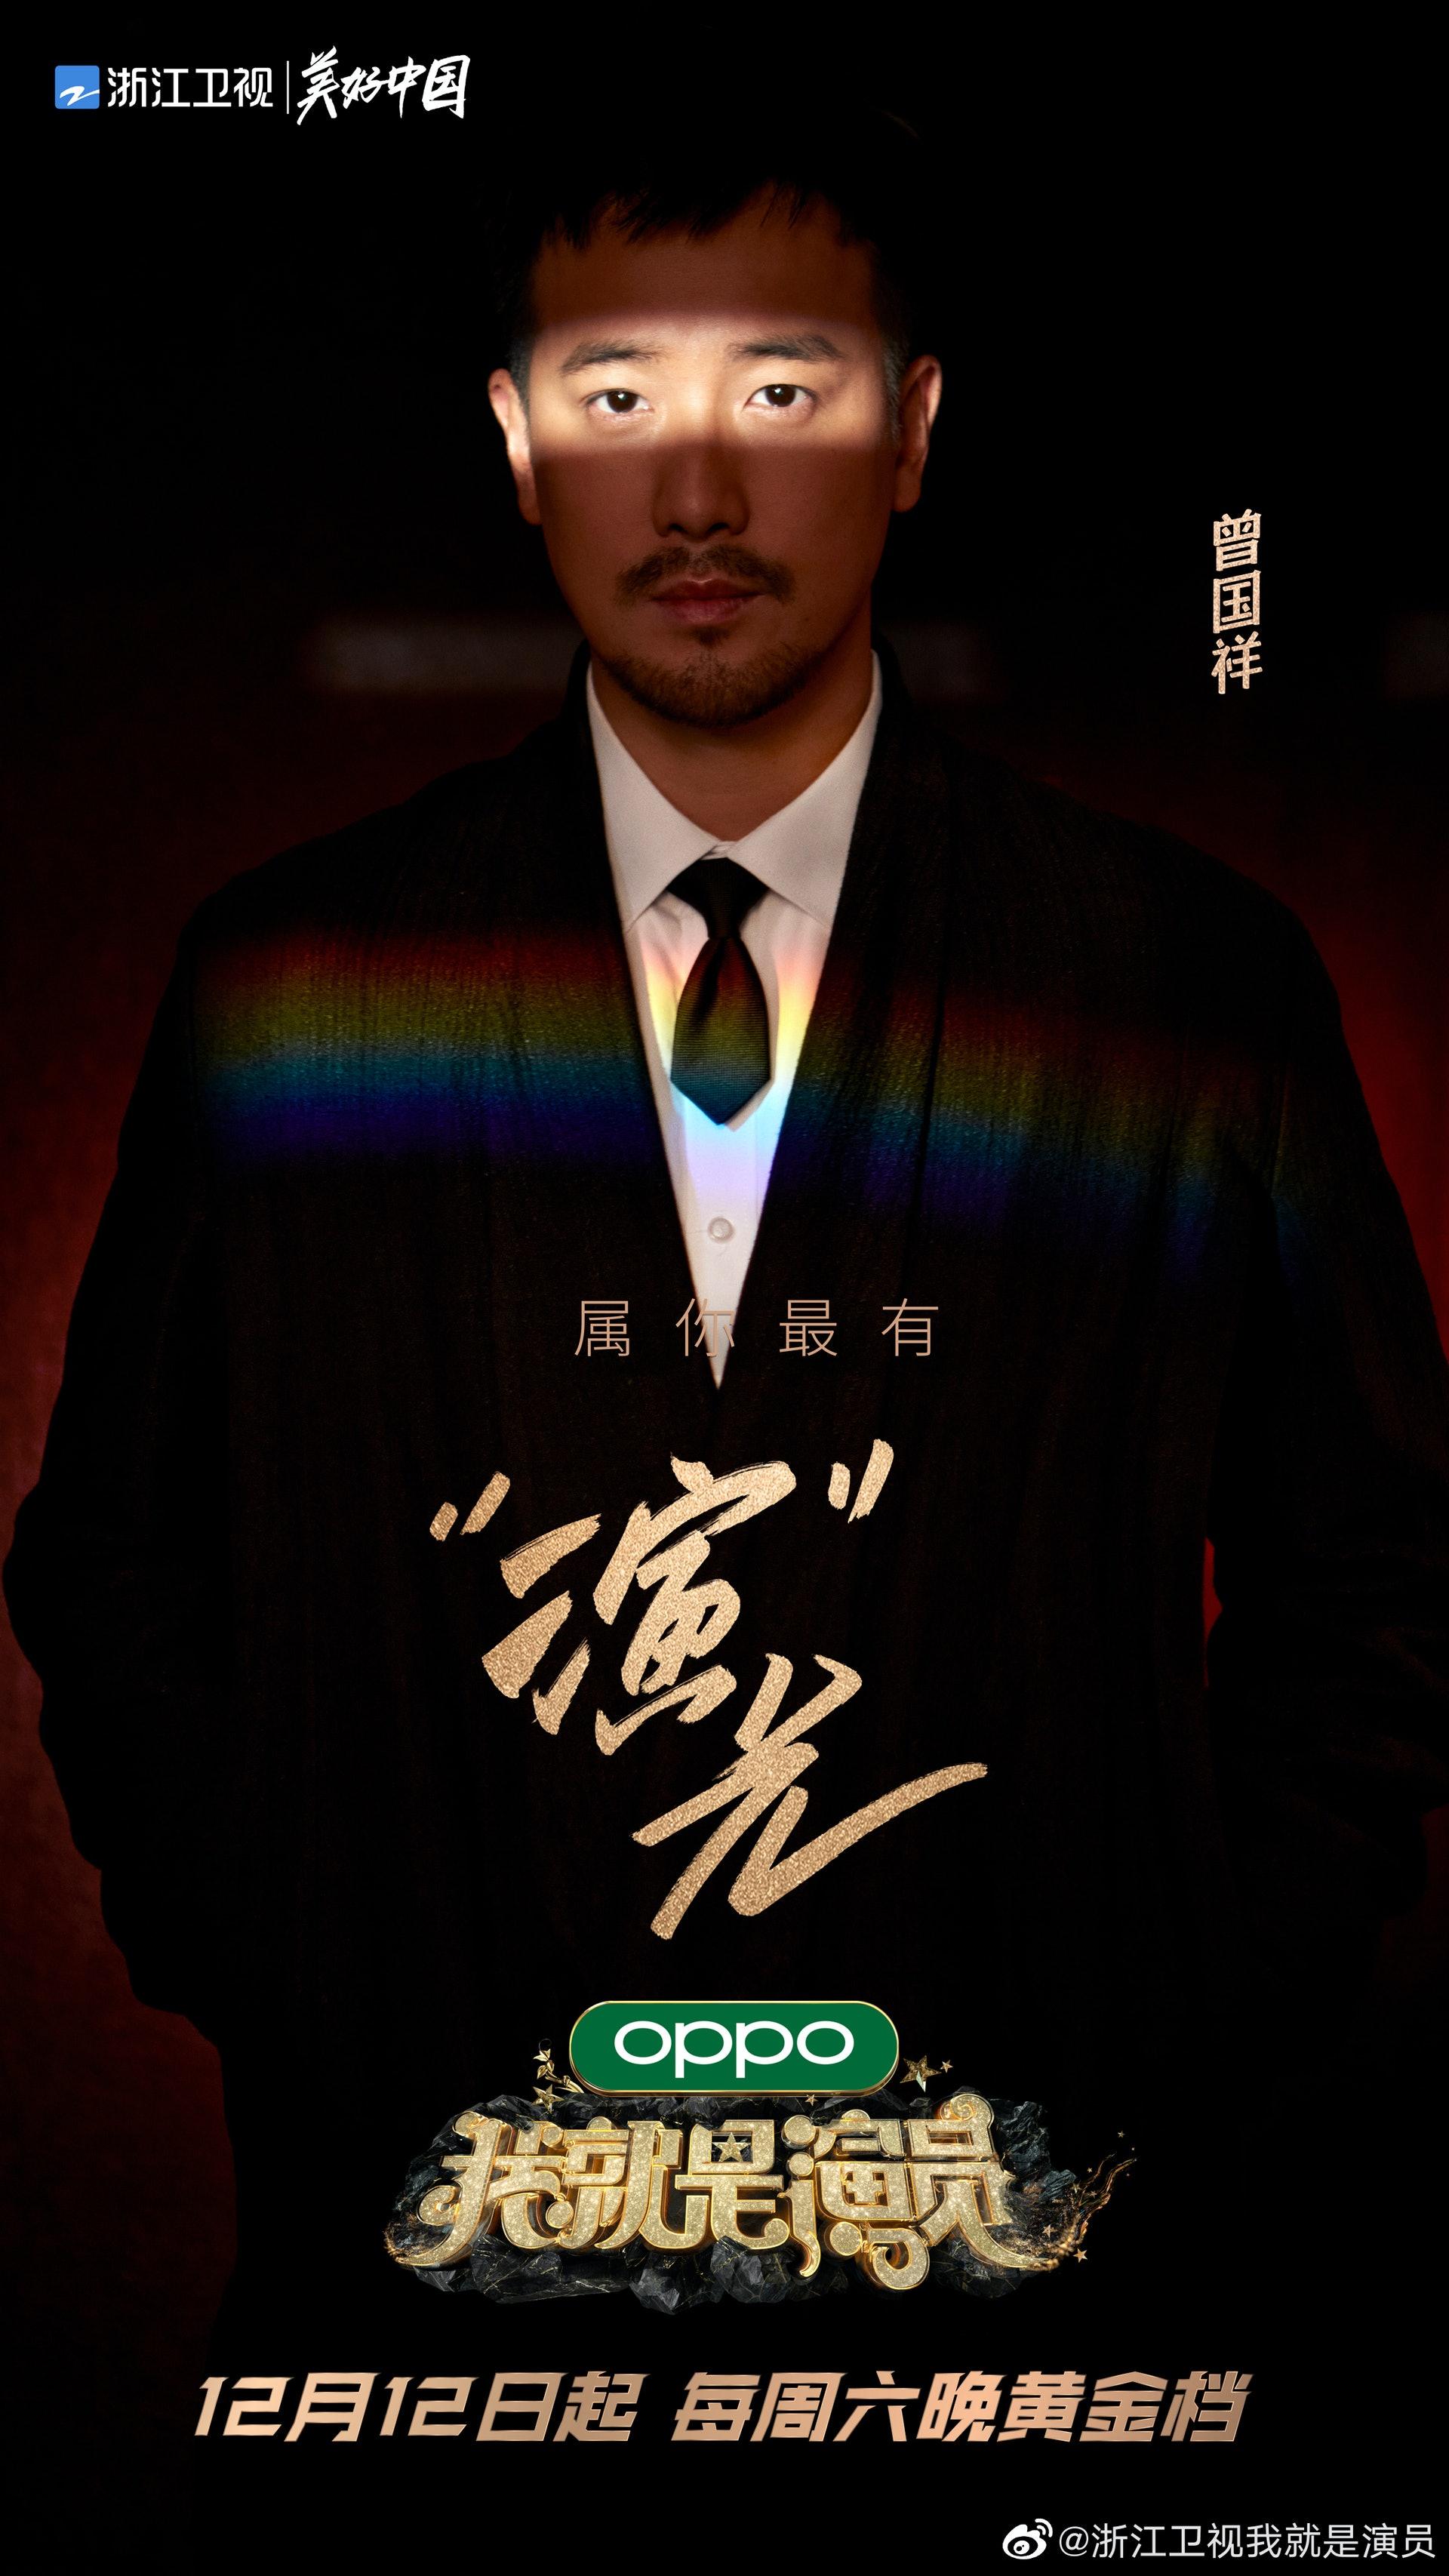 曾國祥也是導師之一。(官方微博)